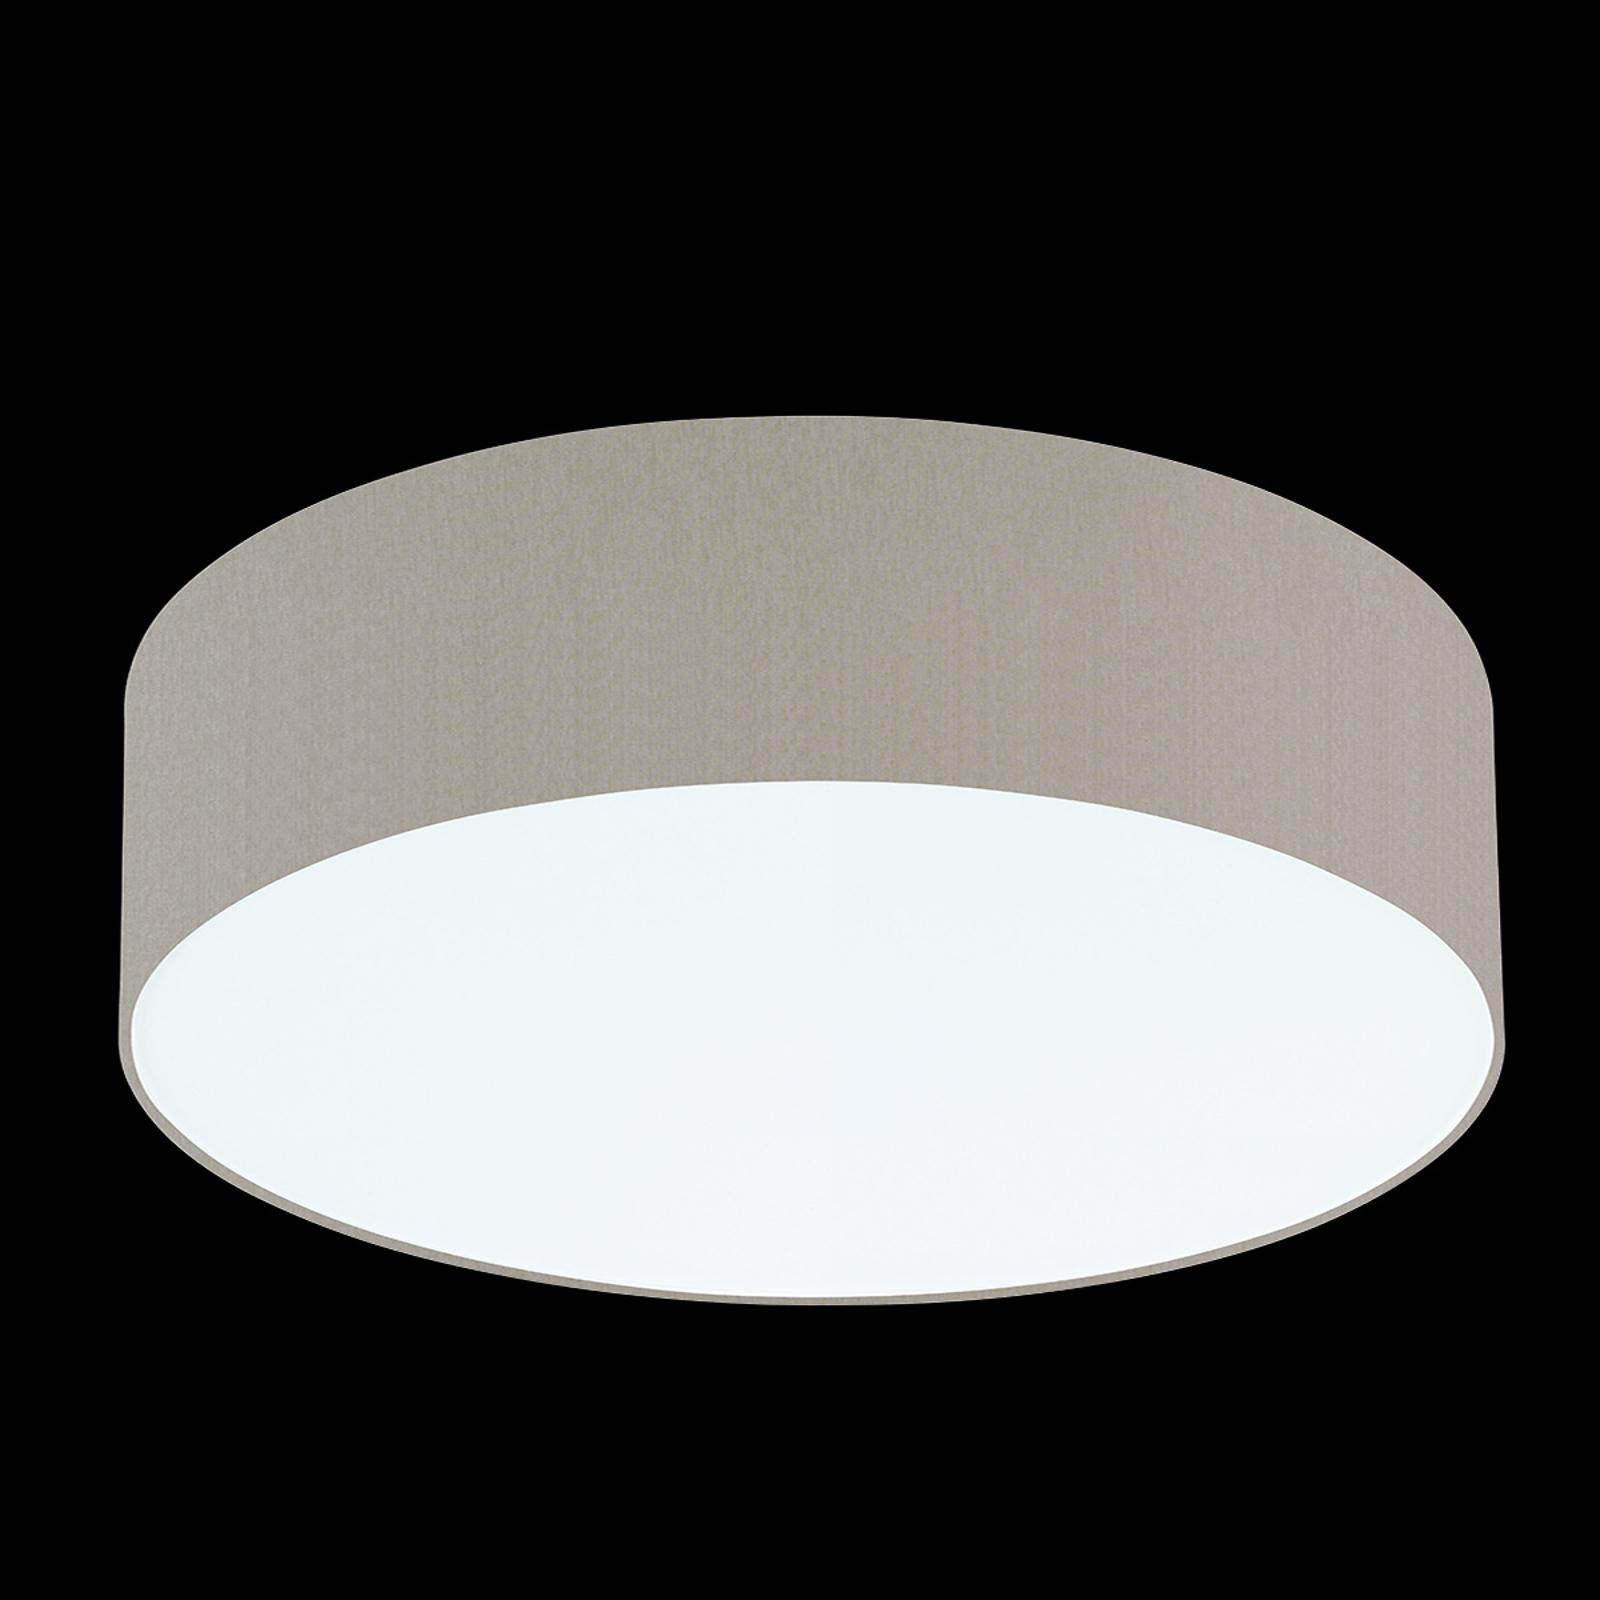 Lampa sufitowa MARA, 60 cm, brązowy melanż